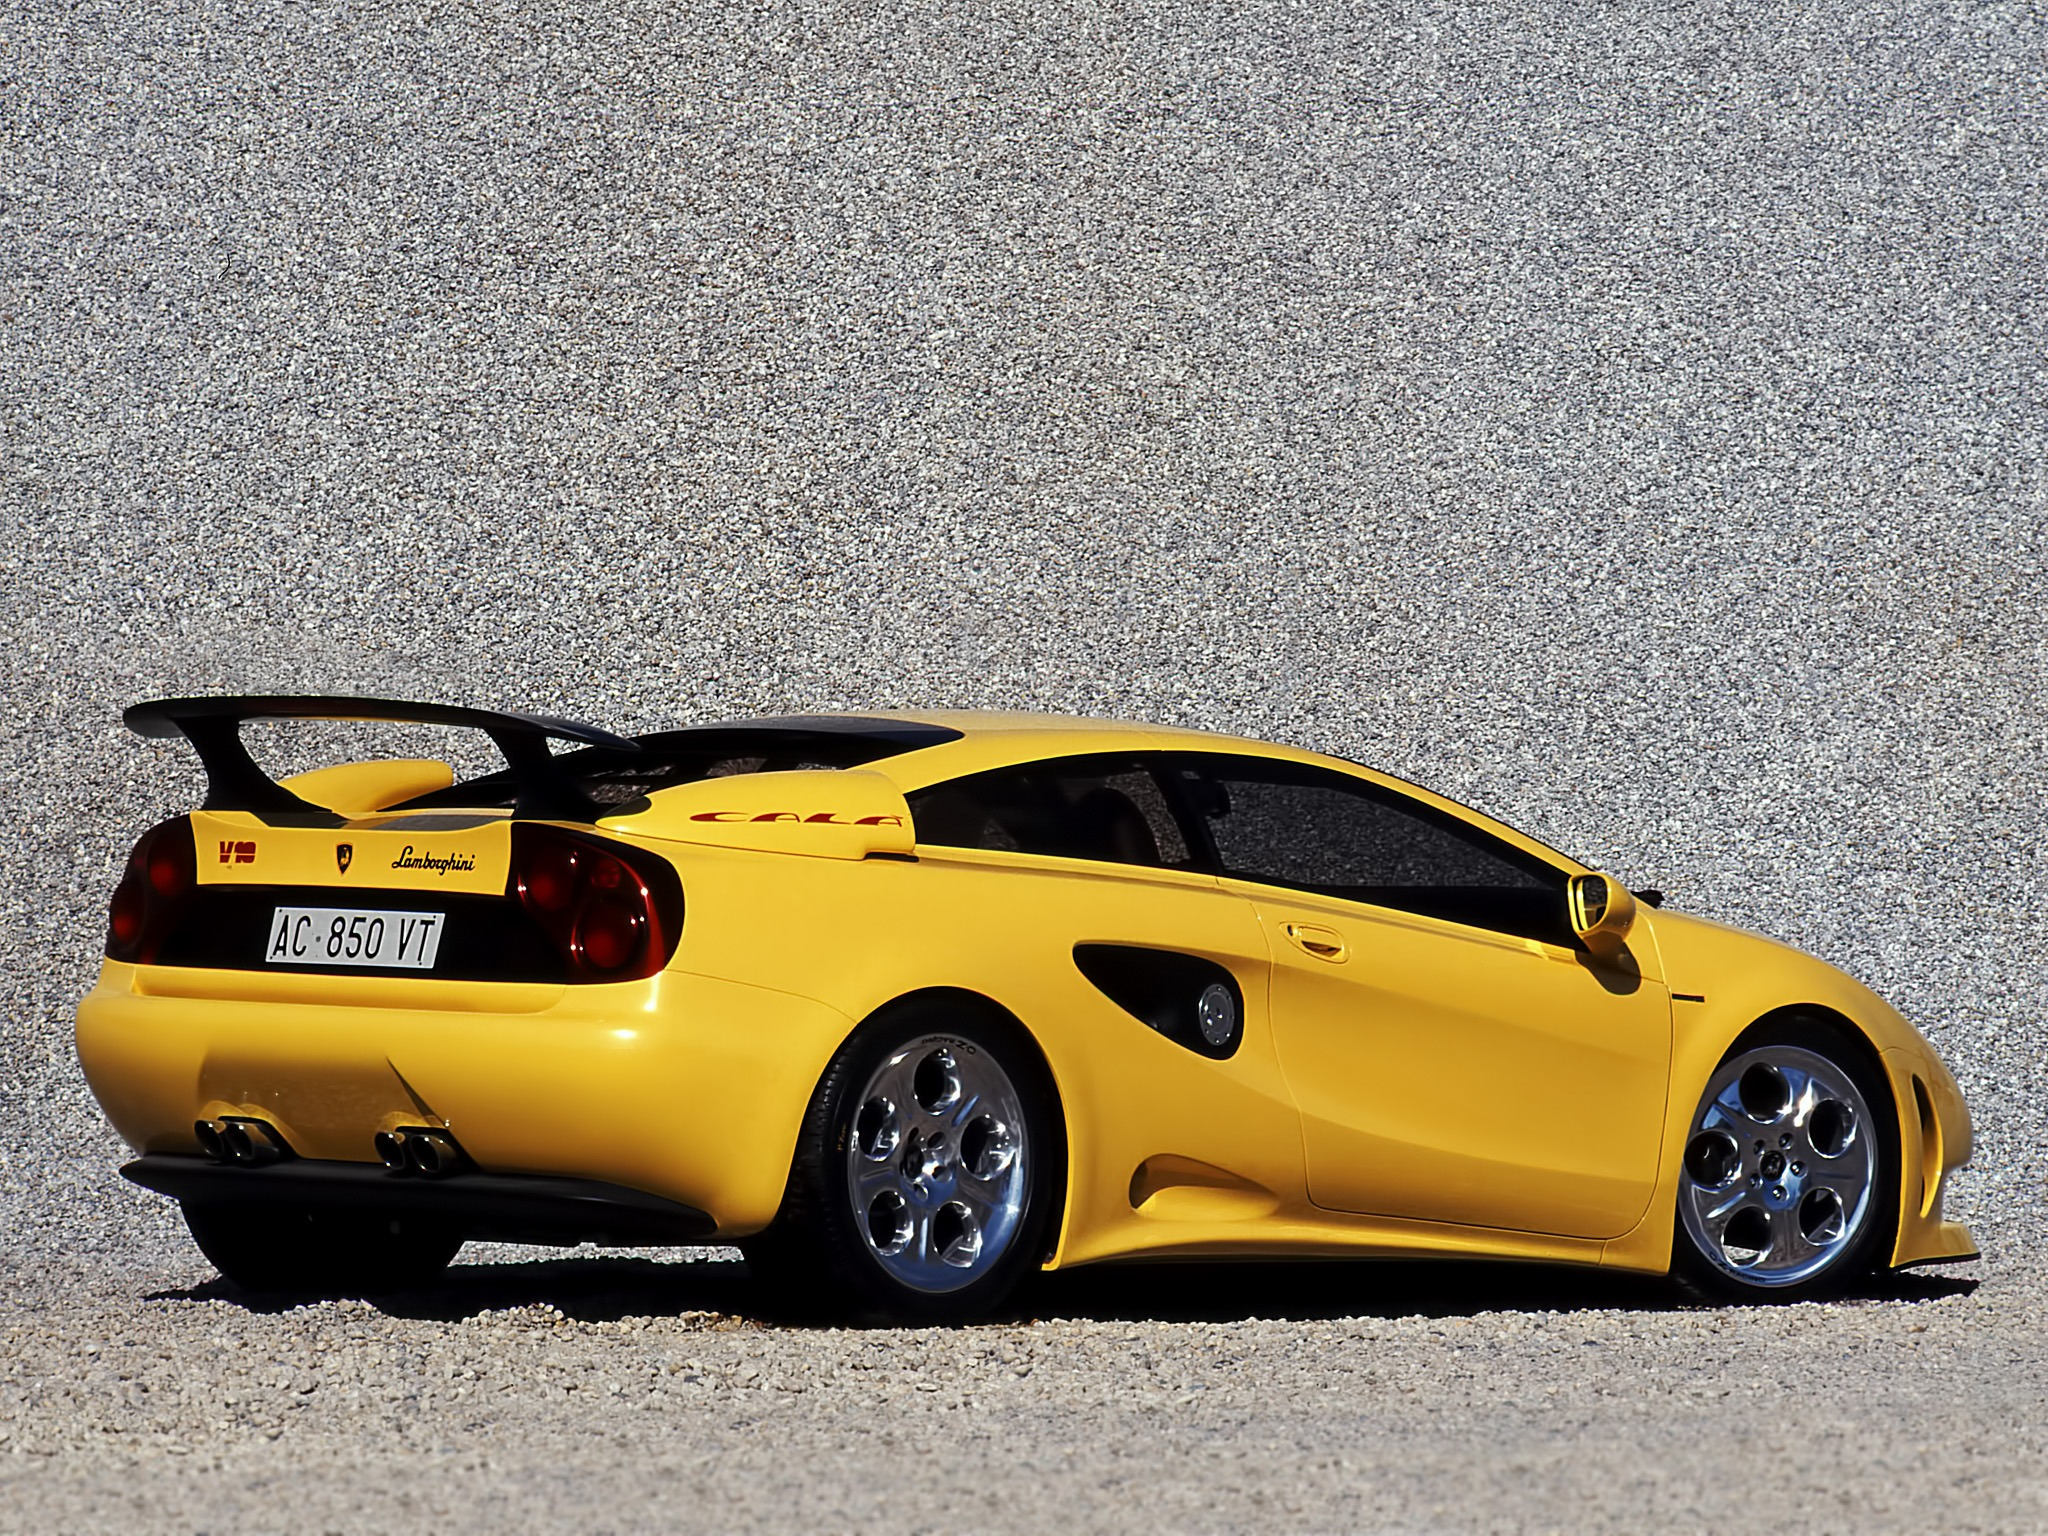 Lamborghini Cala 1995 Old Concept Cars